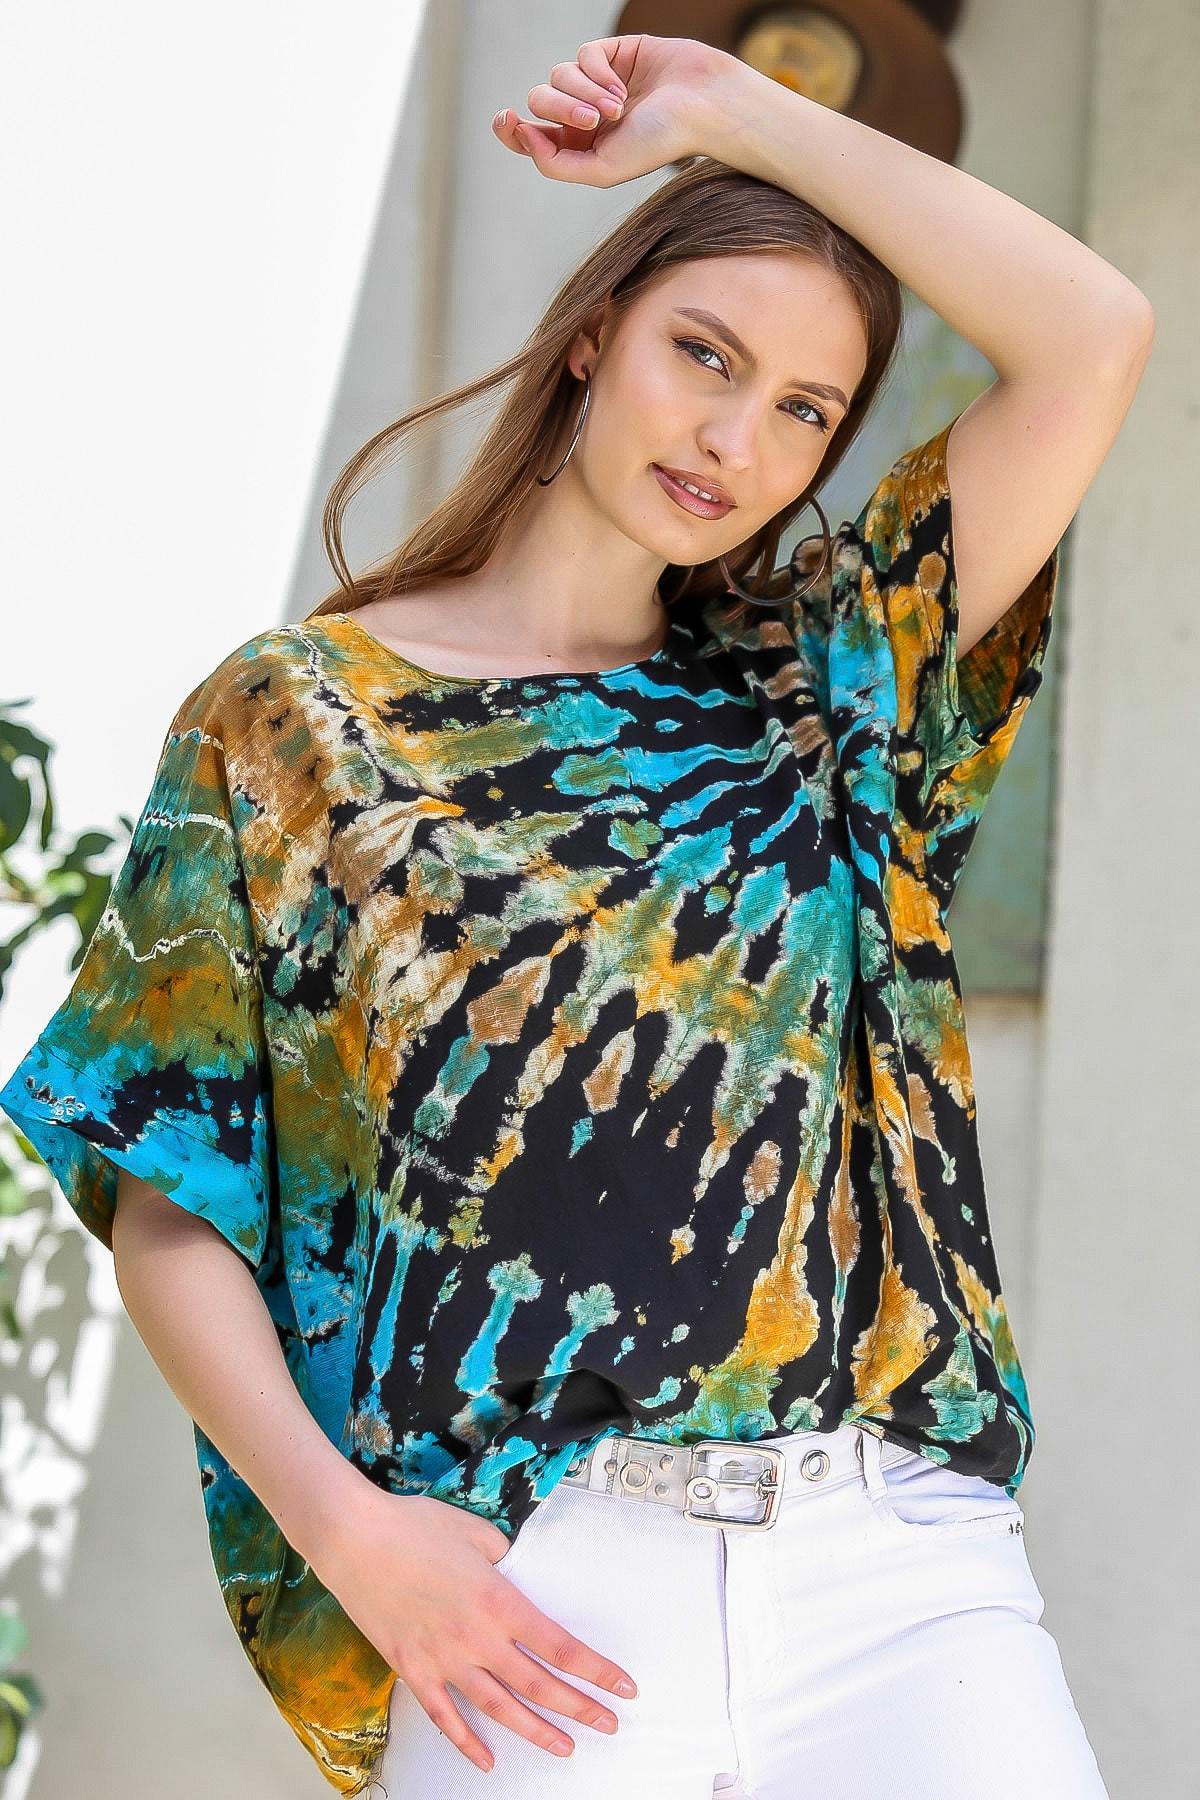 Chiccy Kadın Siyah-Mavi Sıfır Yaka Batik Desenli Dokuma Salaş Bluz M10010200BL95416 2